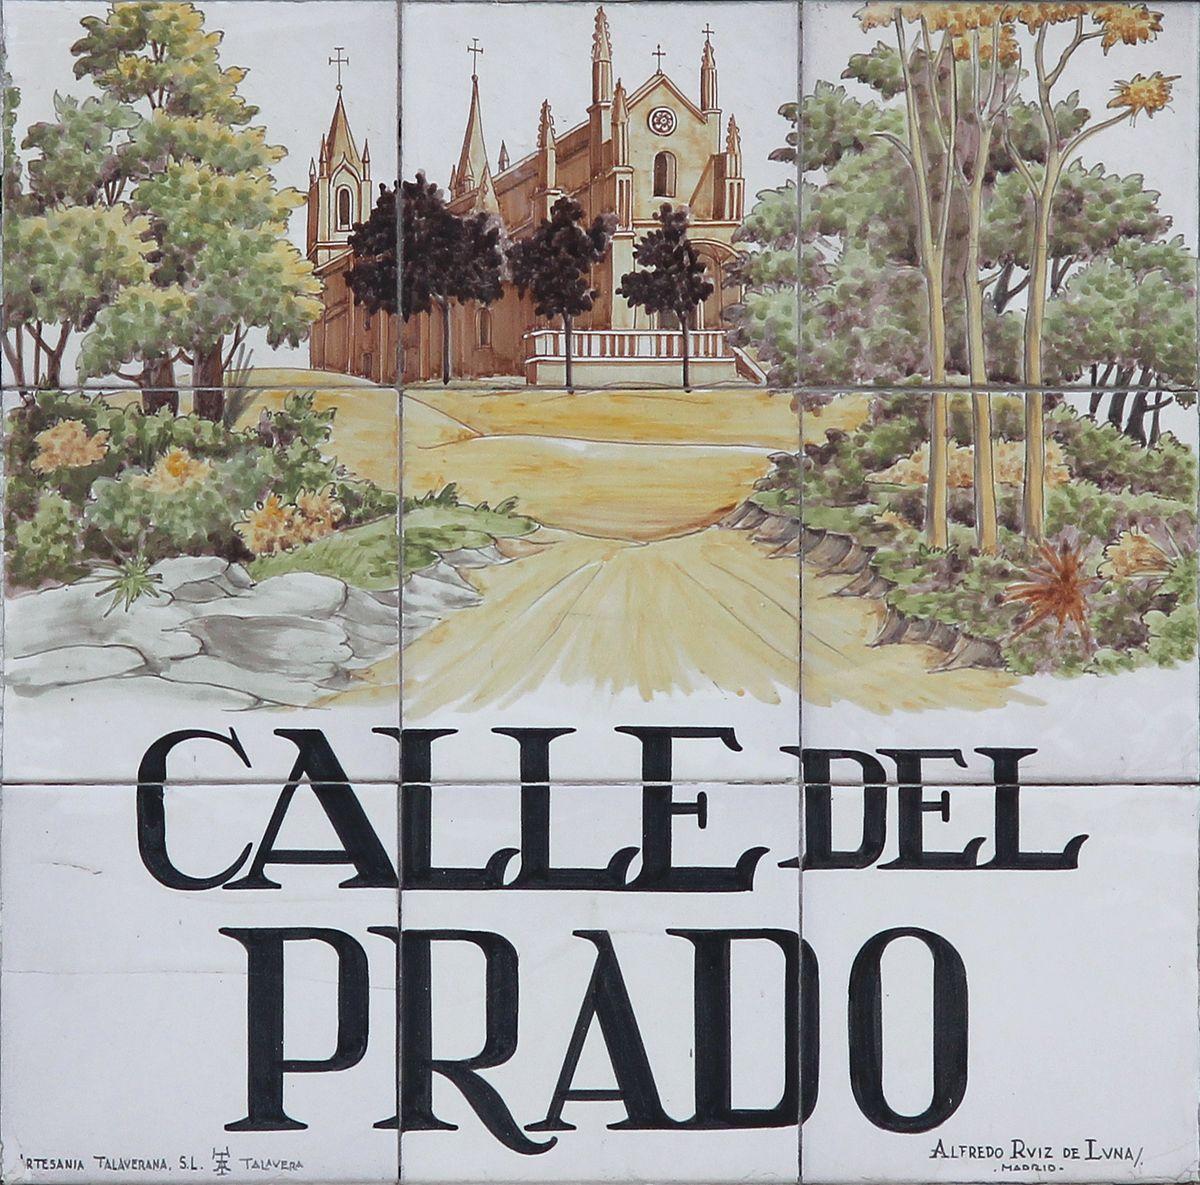 Calle del prado wikipedia la enciclopedia libre for Calle prado jerez 3 navacerrada